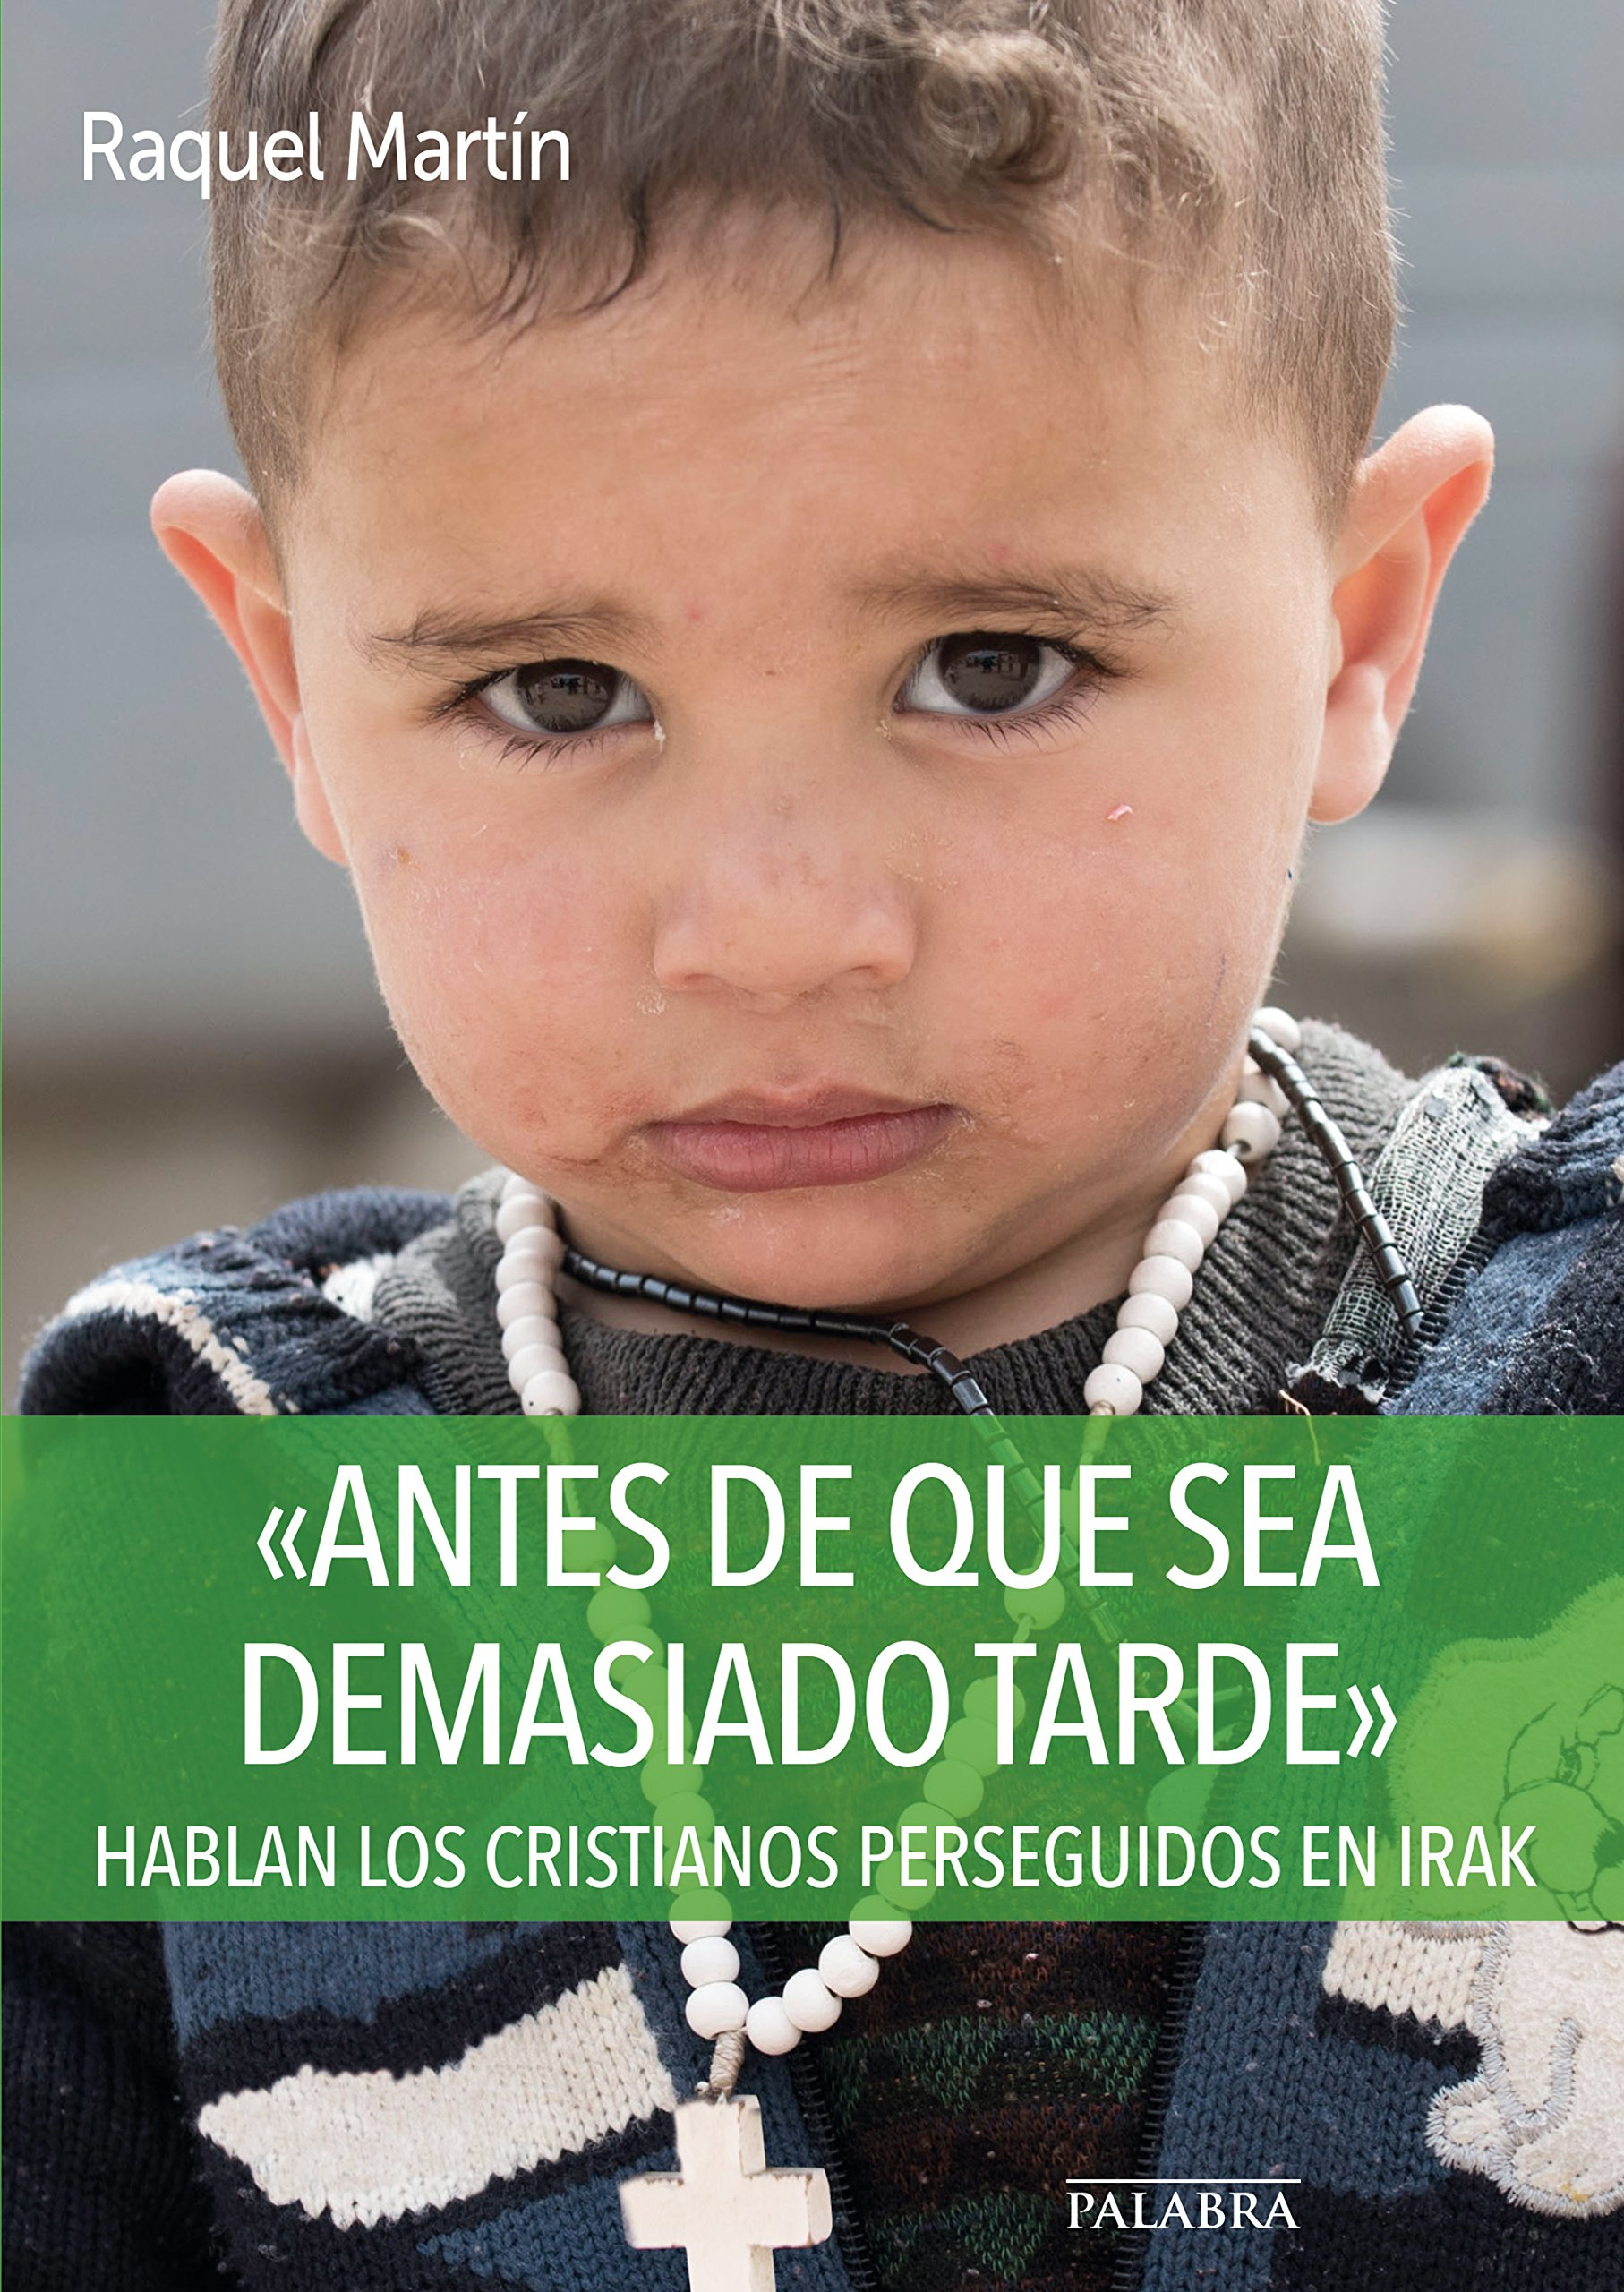 Antes de que sea demasiado tarde (Libros reportaje) Tapa blanda – 7 oct 2015 Raquel Martín Ediciones Palabra S.A. 8490613028